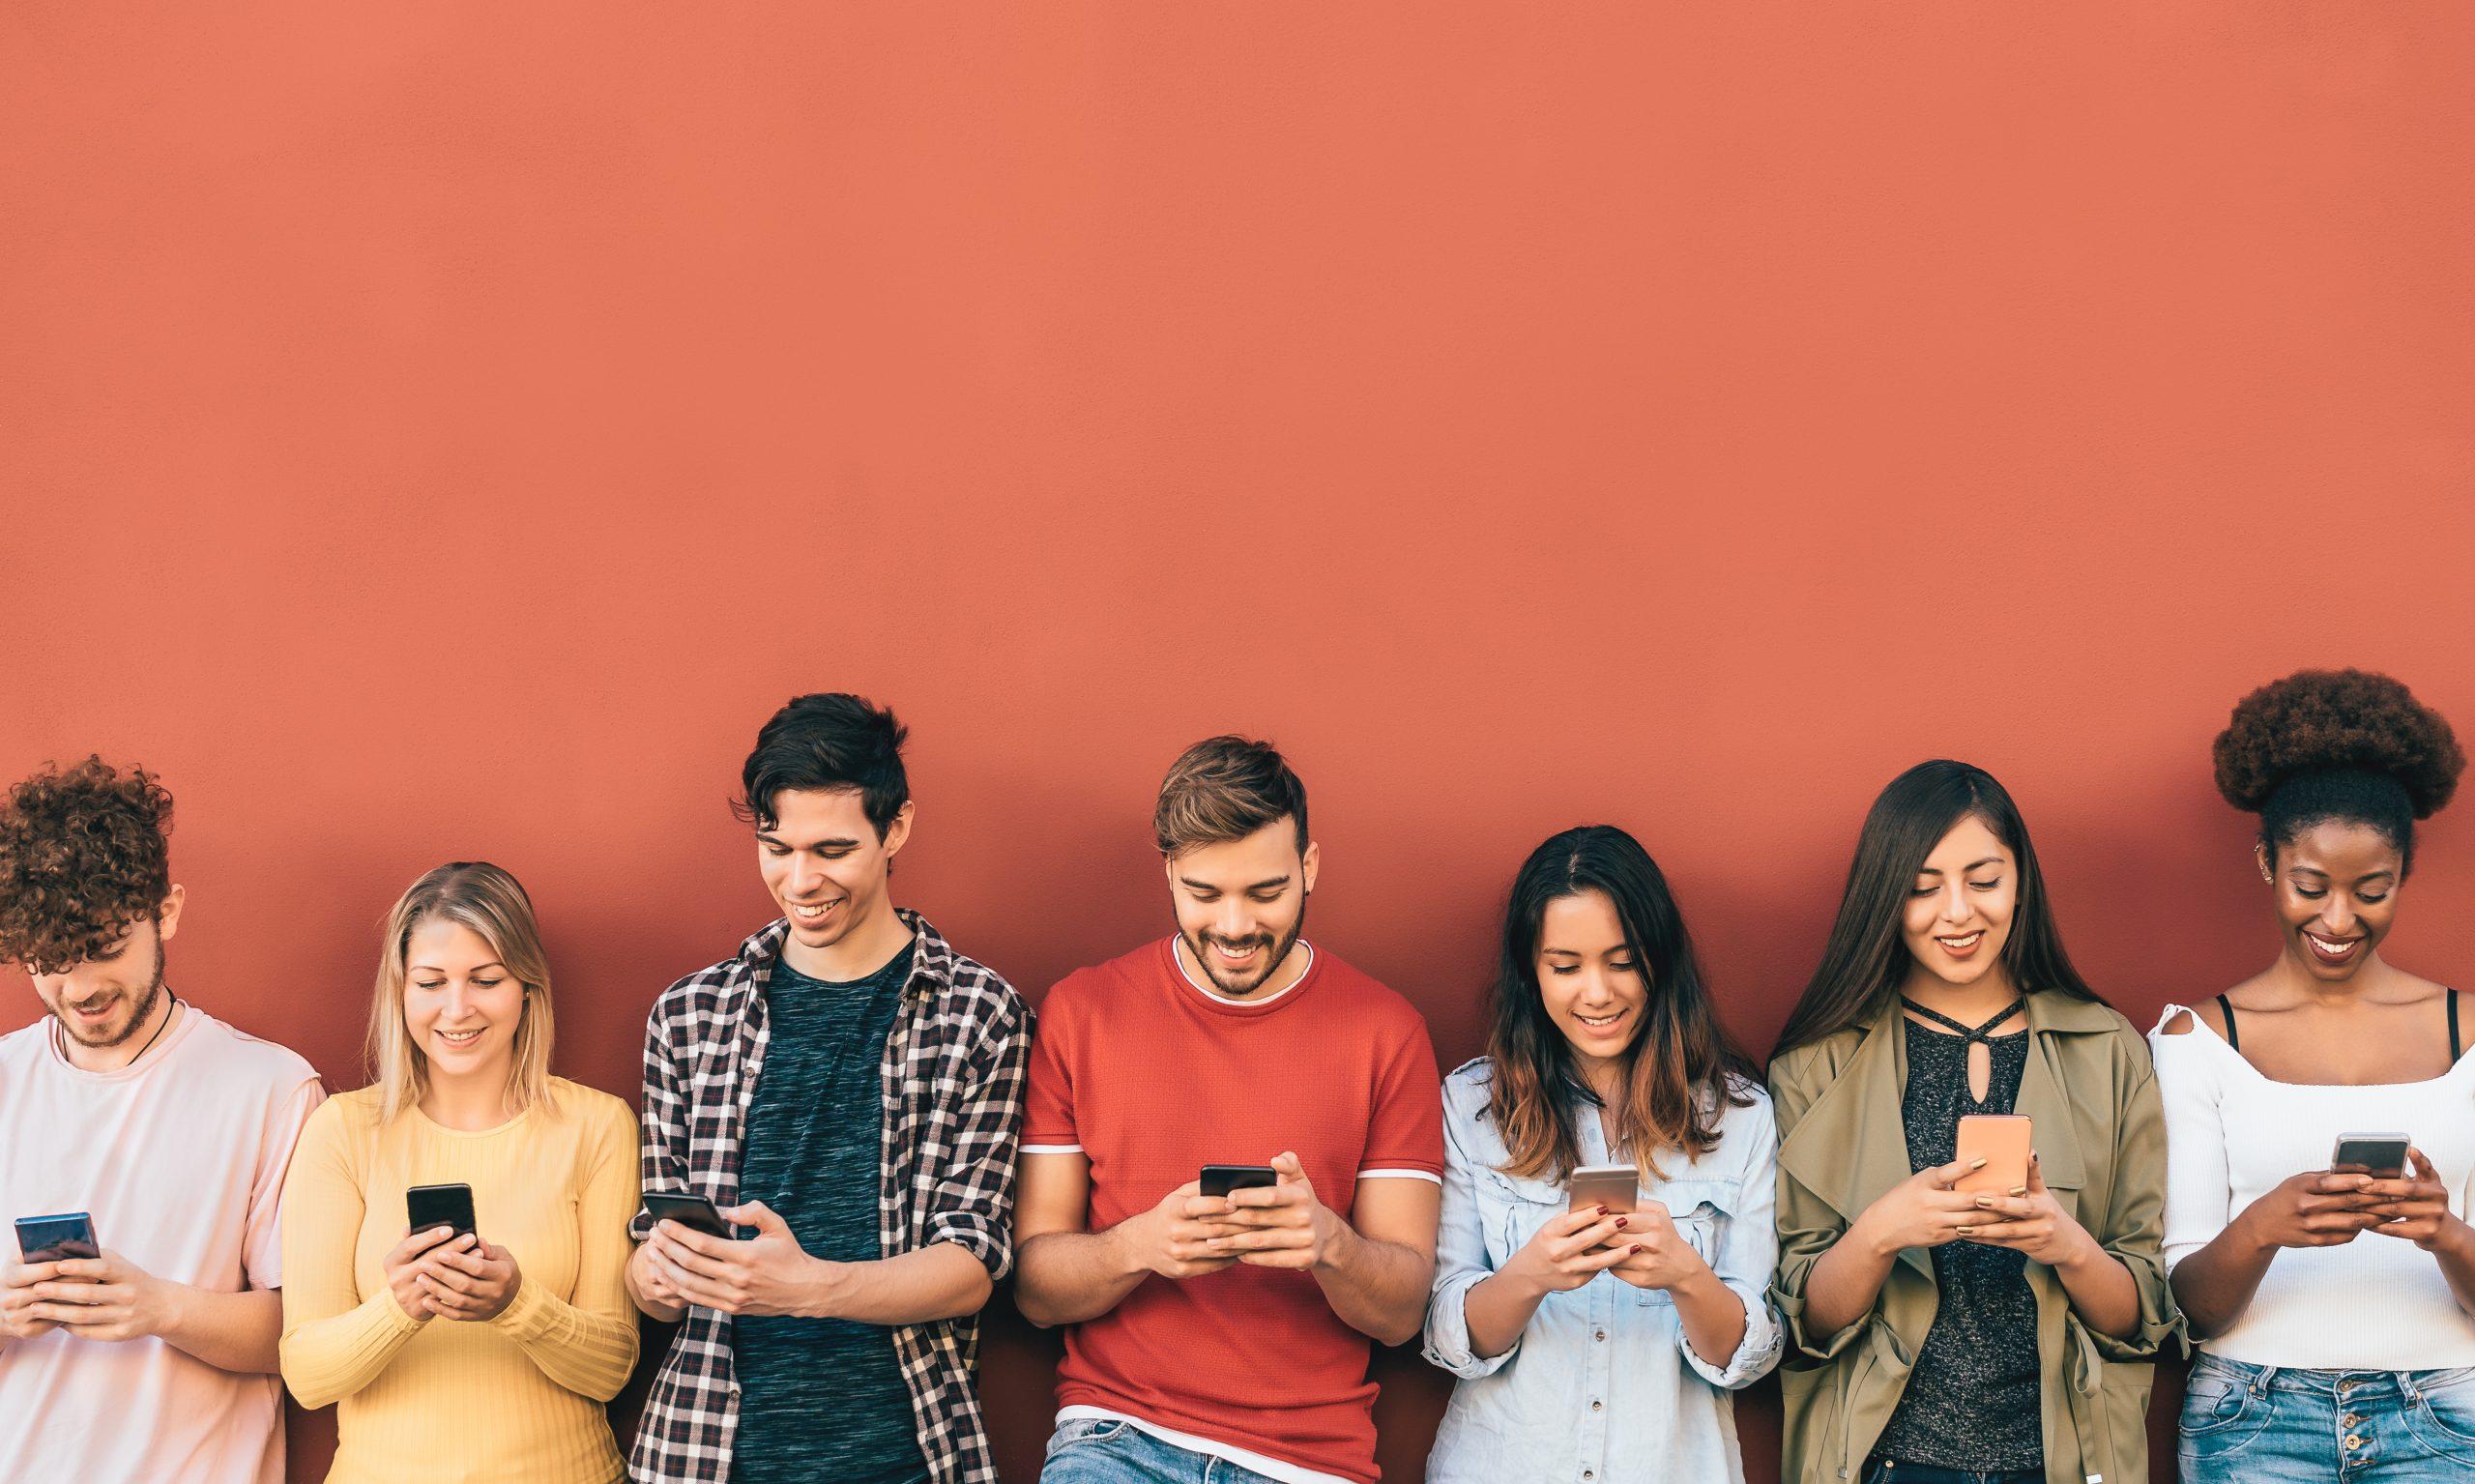 Junge Menschen mit Smartphone vor oranger Wand